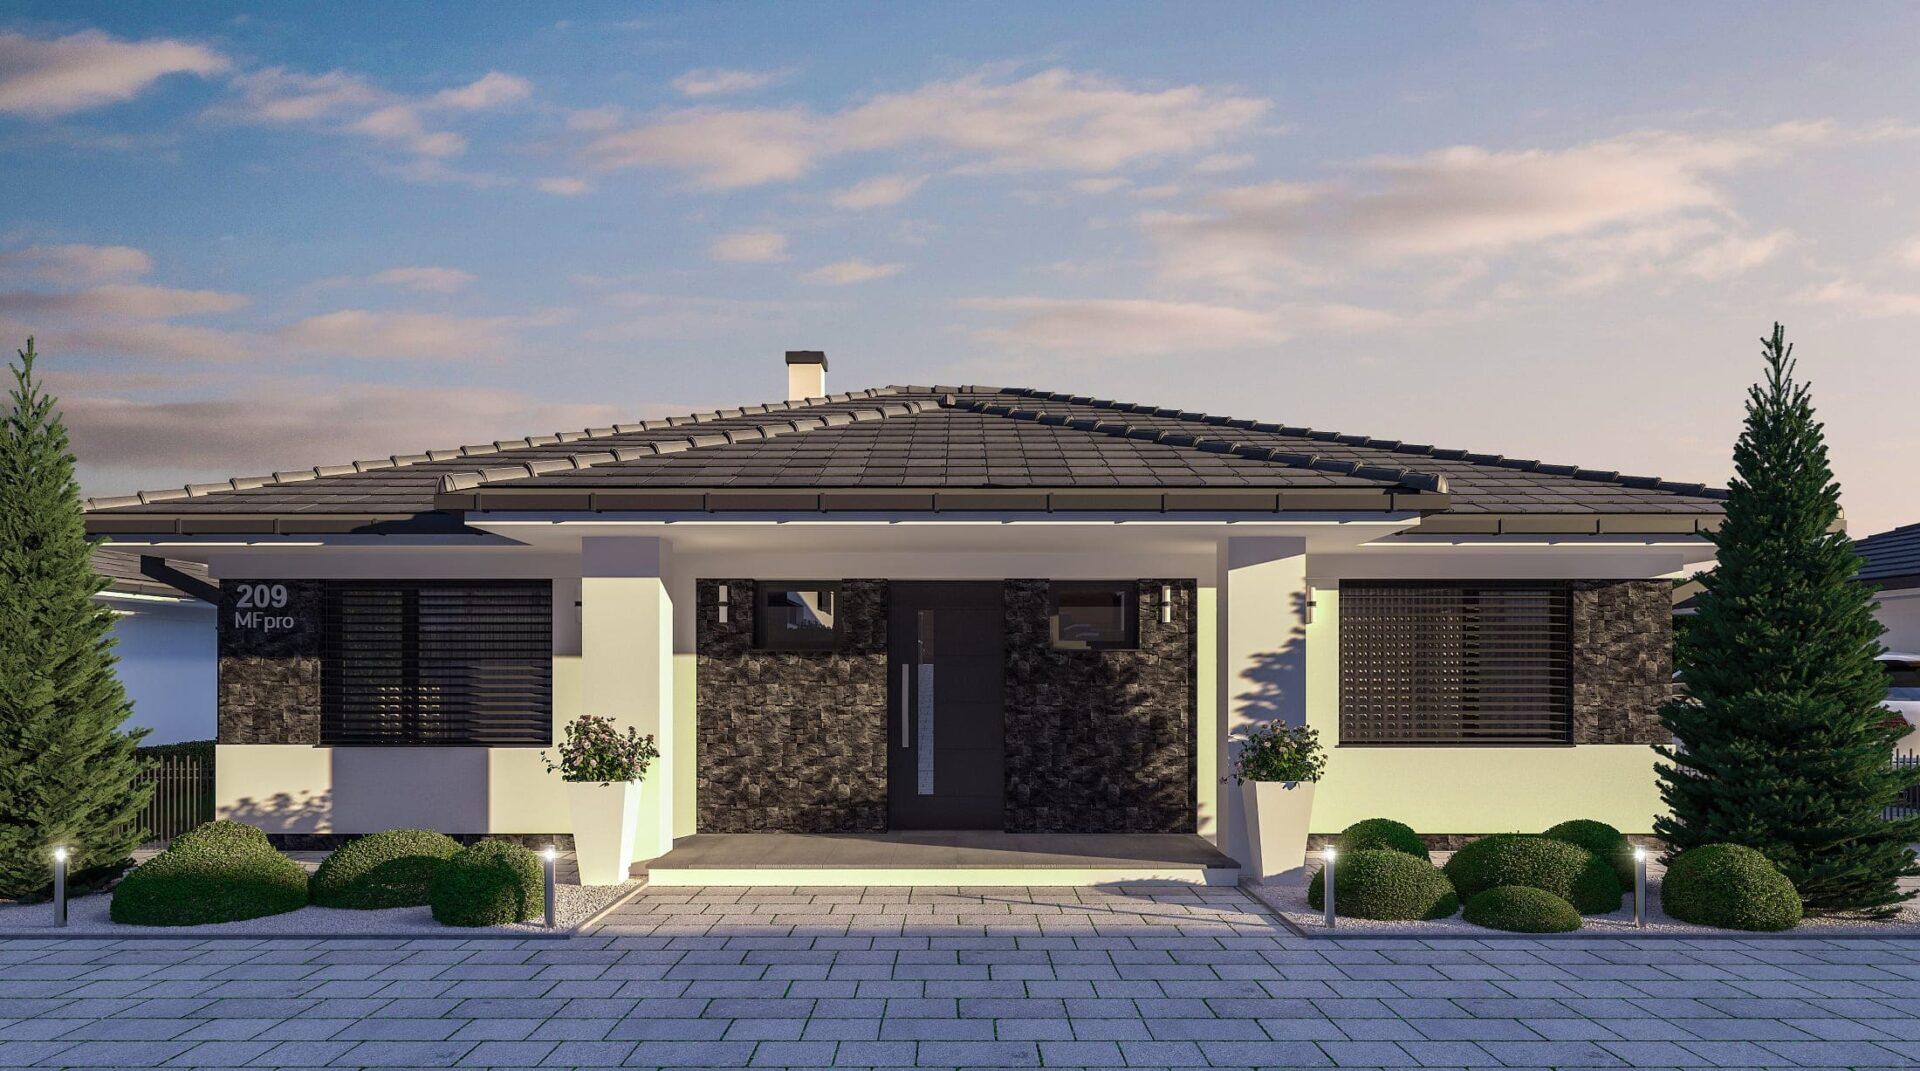 projekt rodinného domu style 228